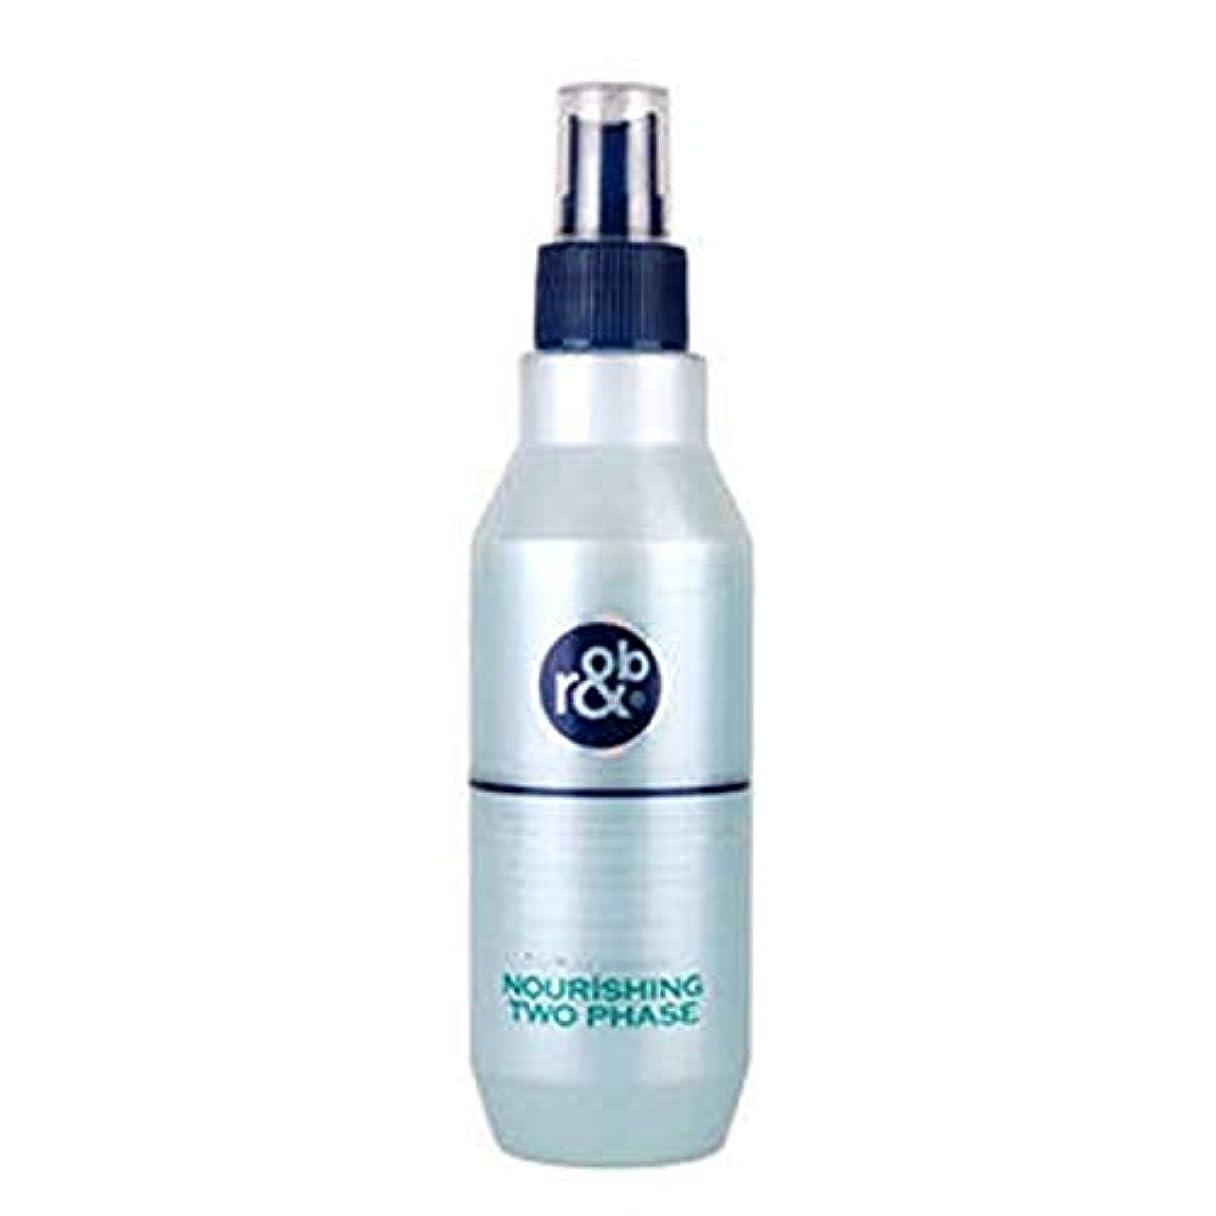 責任者ケージ構造的フィトン セラピー ナリッシング 2 段階 250ml - アウトバス ヘア コンディショナー ( Phyton Therapy Nourishing Two Phase 250ml - leave in Hair Conditioner...